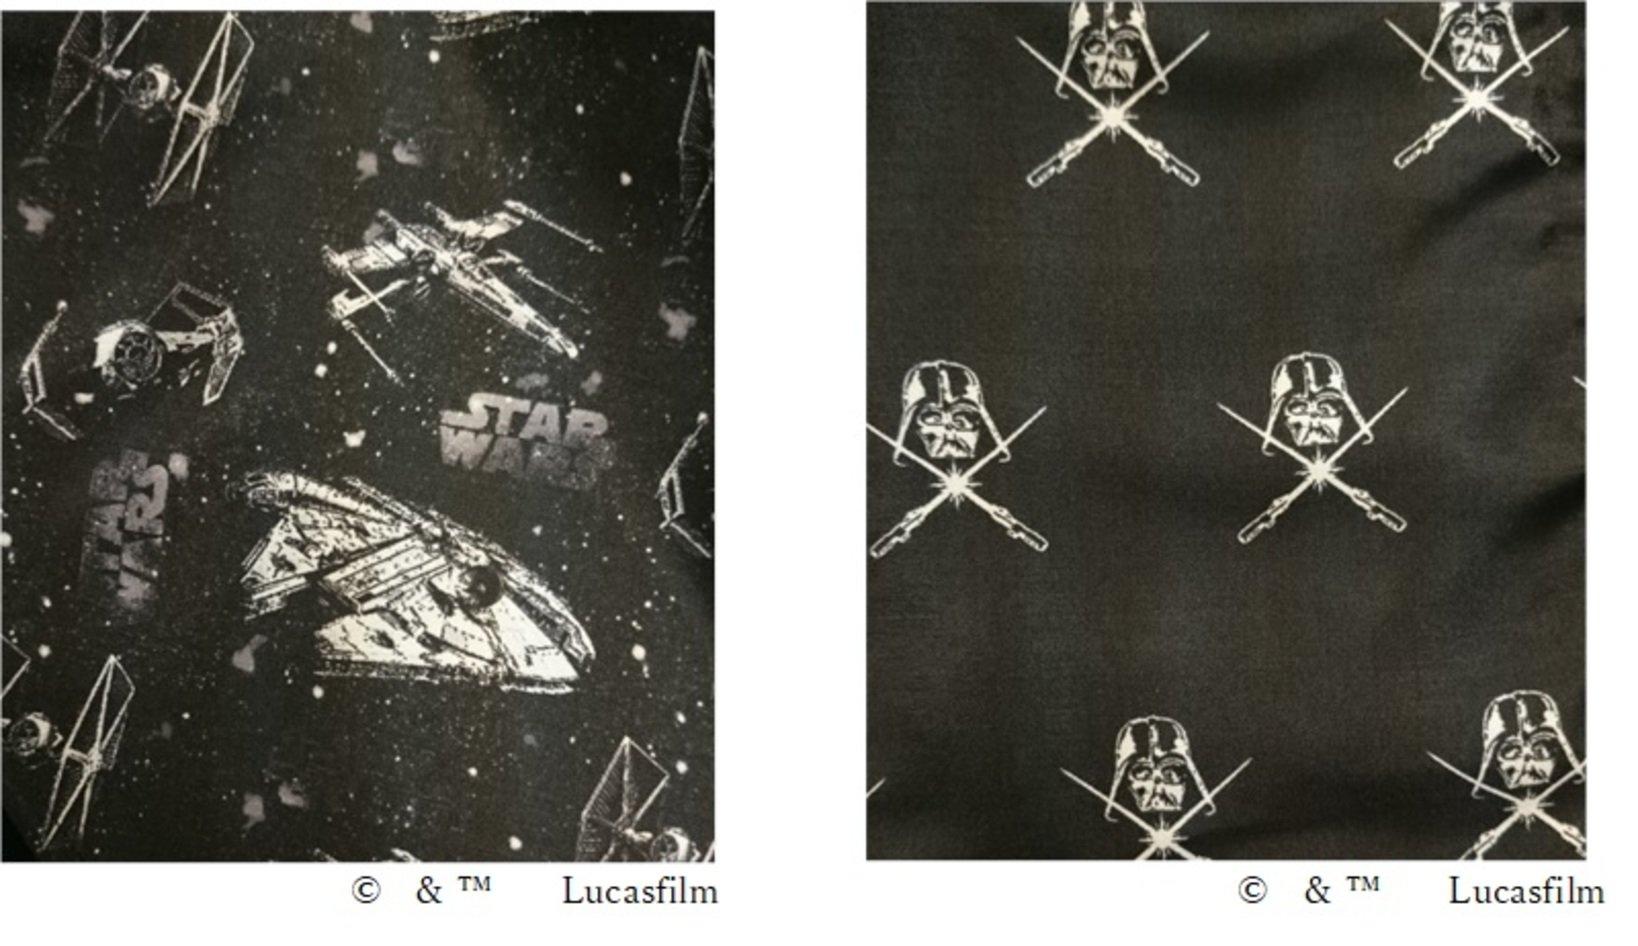 左:ビークルデザイン 右:「ダース・ベイダー」デザイン